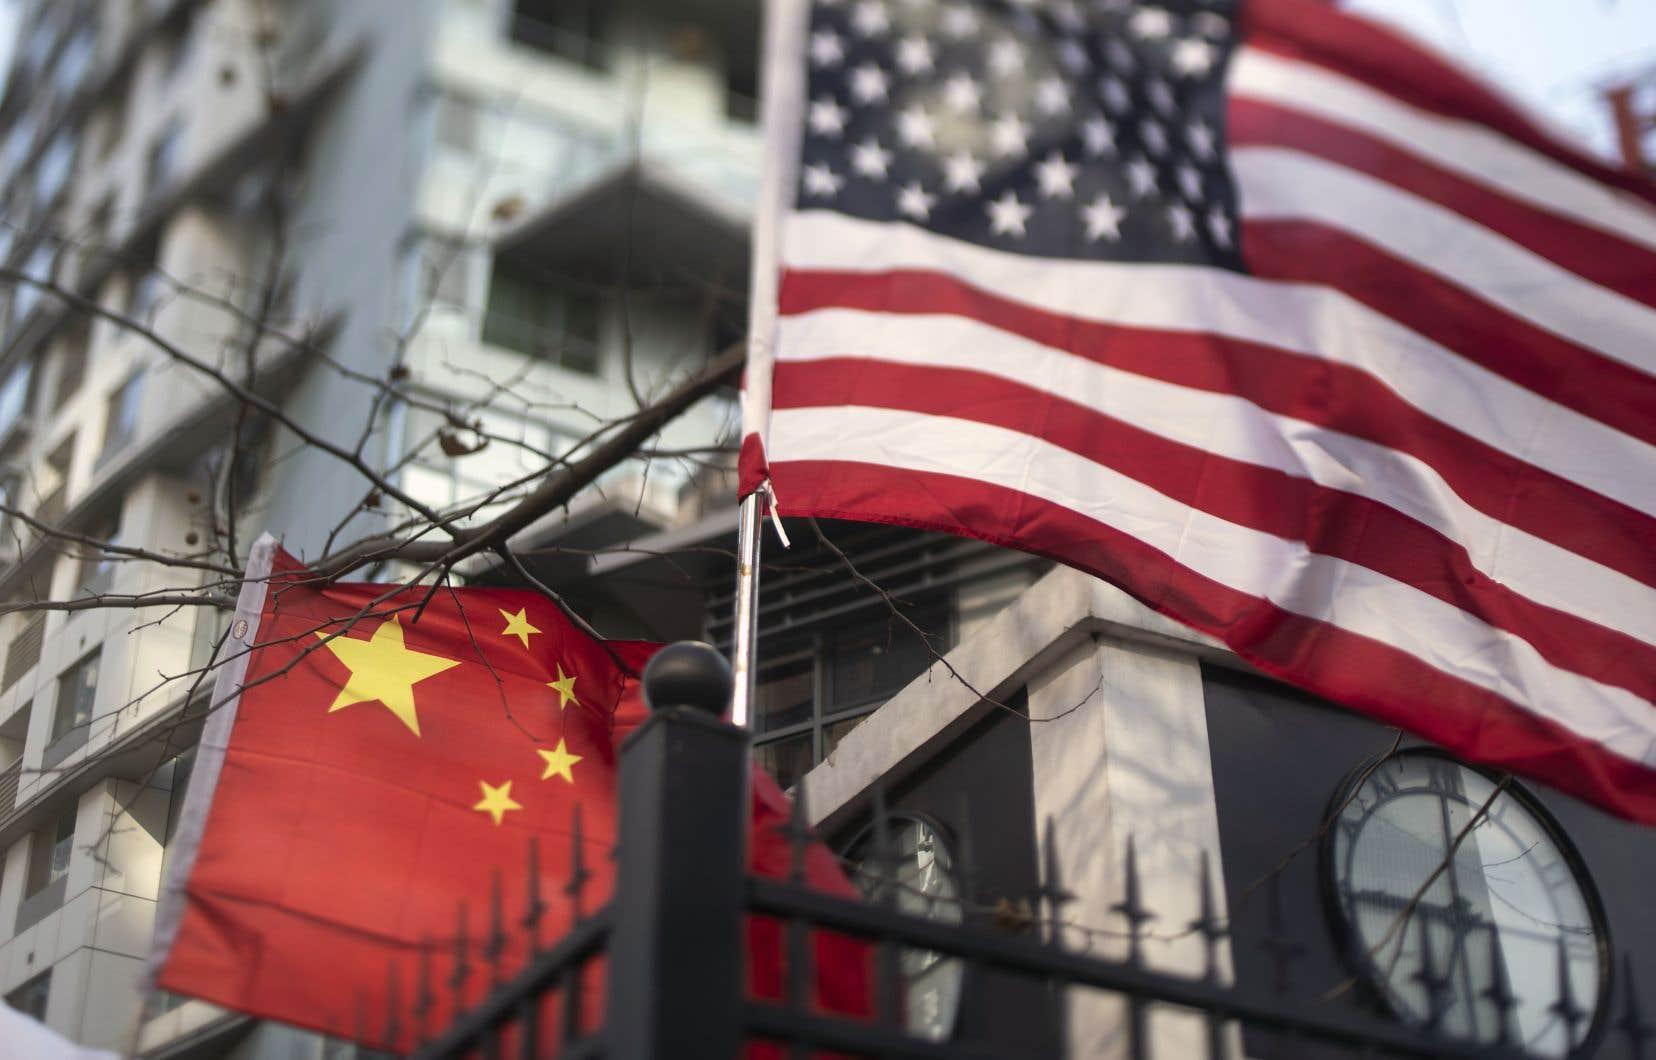 La Chine et les États-Unis, les deux plus grandes économies, sont les «principaux moteurs du monde», souligne Song Lifang, économiste à l'Université Renmin de Pékin. Cela fait de leur différend «une question non seulement pour les deux pays, mais pour tout le monde», ajoute-t-il.